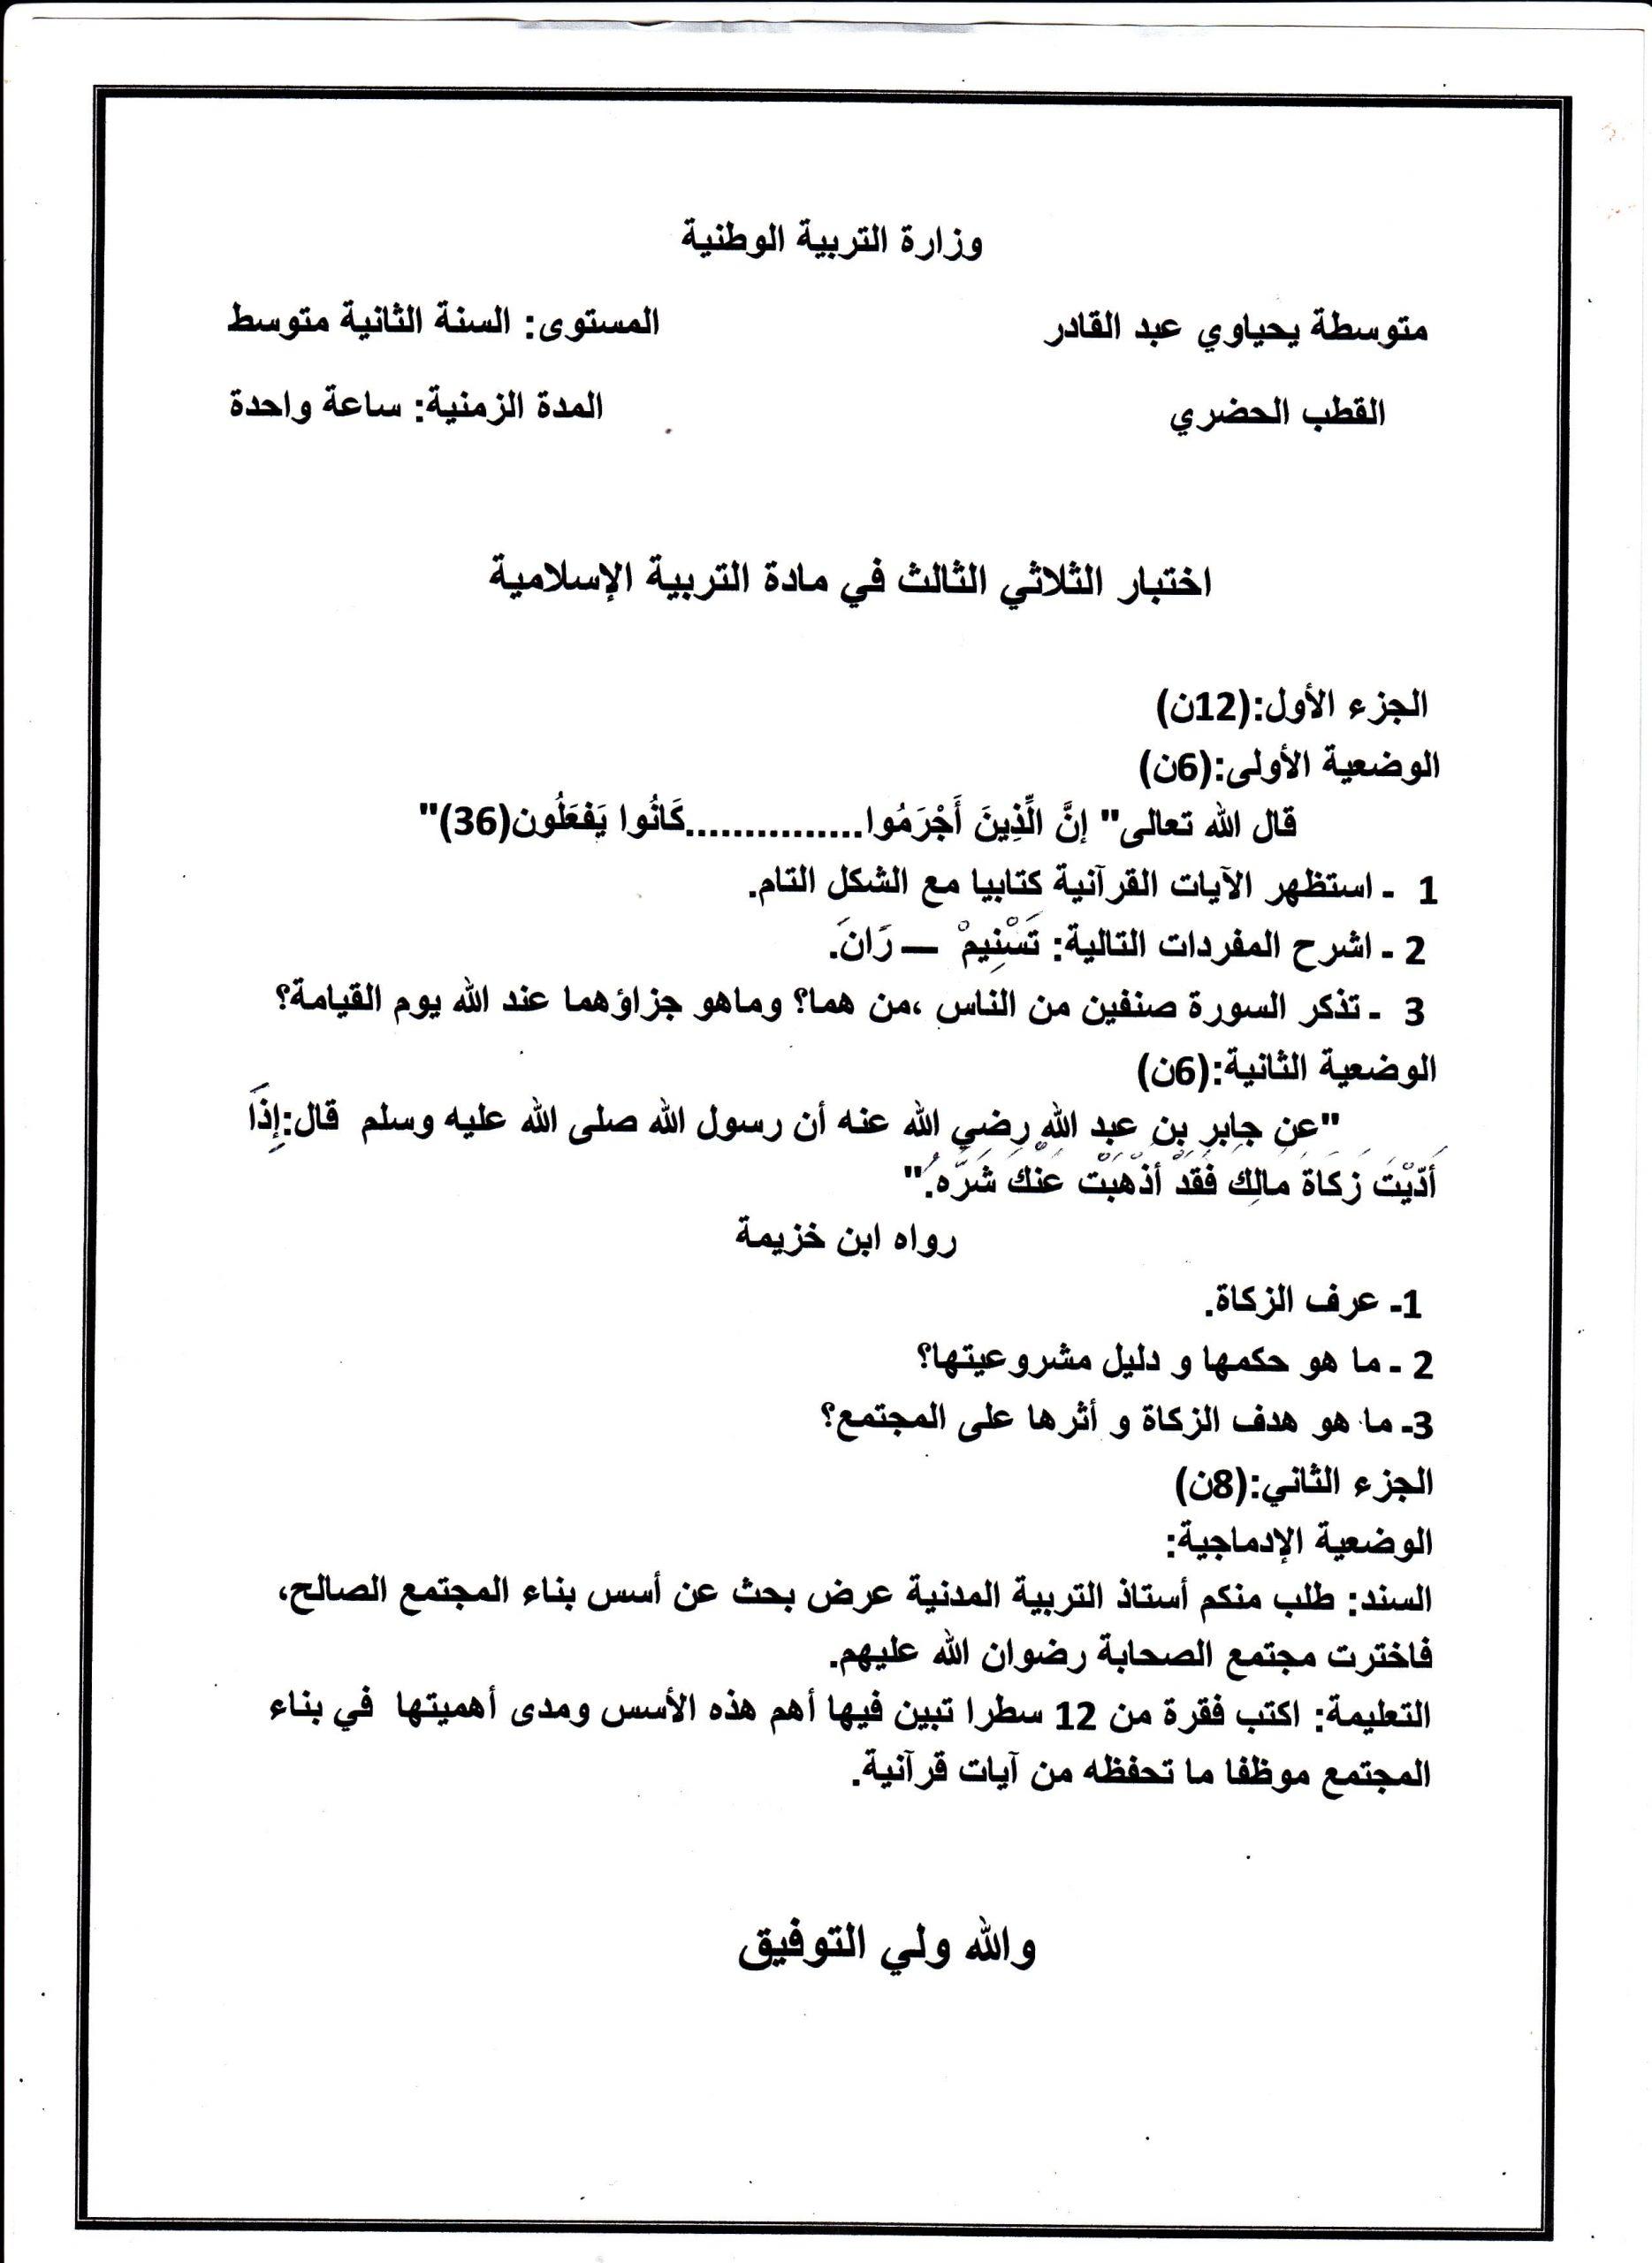 اختبار الفصل الثالث في التربية الاسلامية السنة الثانية متوسط | الموضوع 03